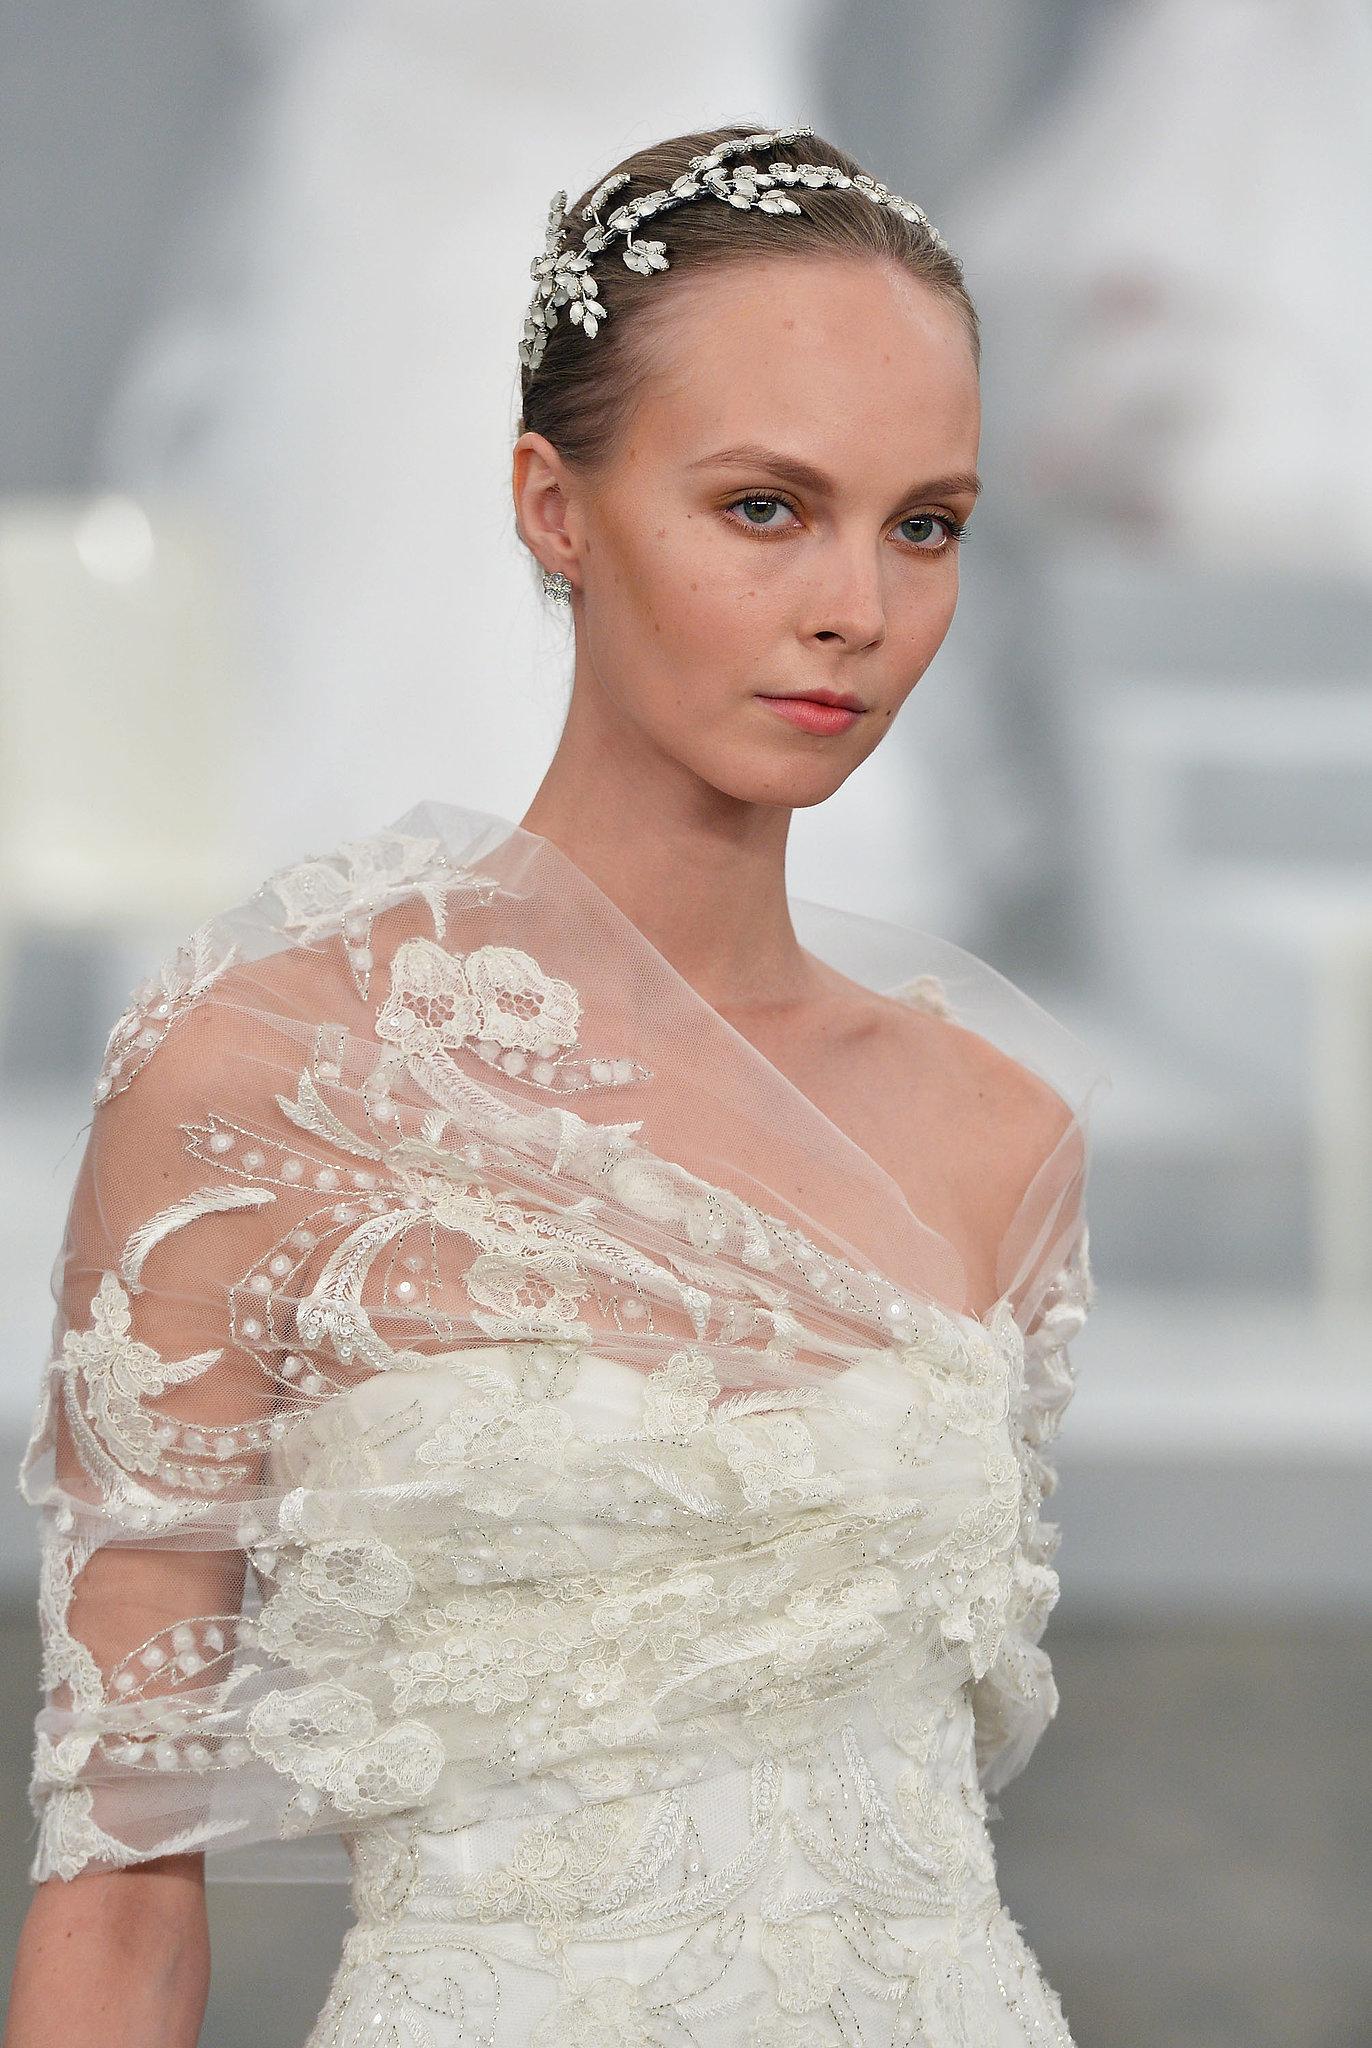 monique lhuillier wedding dresses 2016 photo - 1